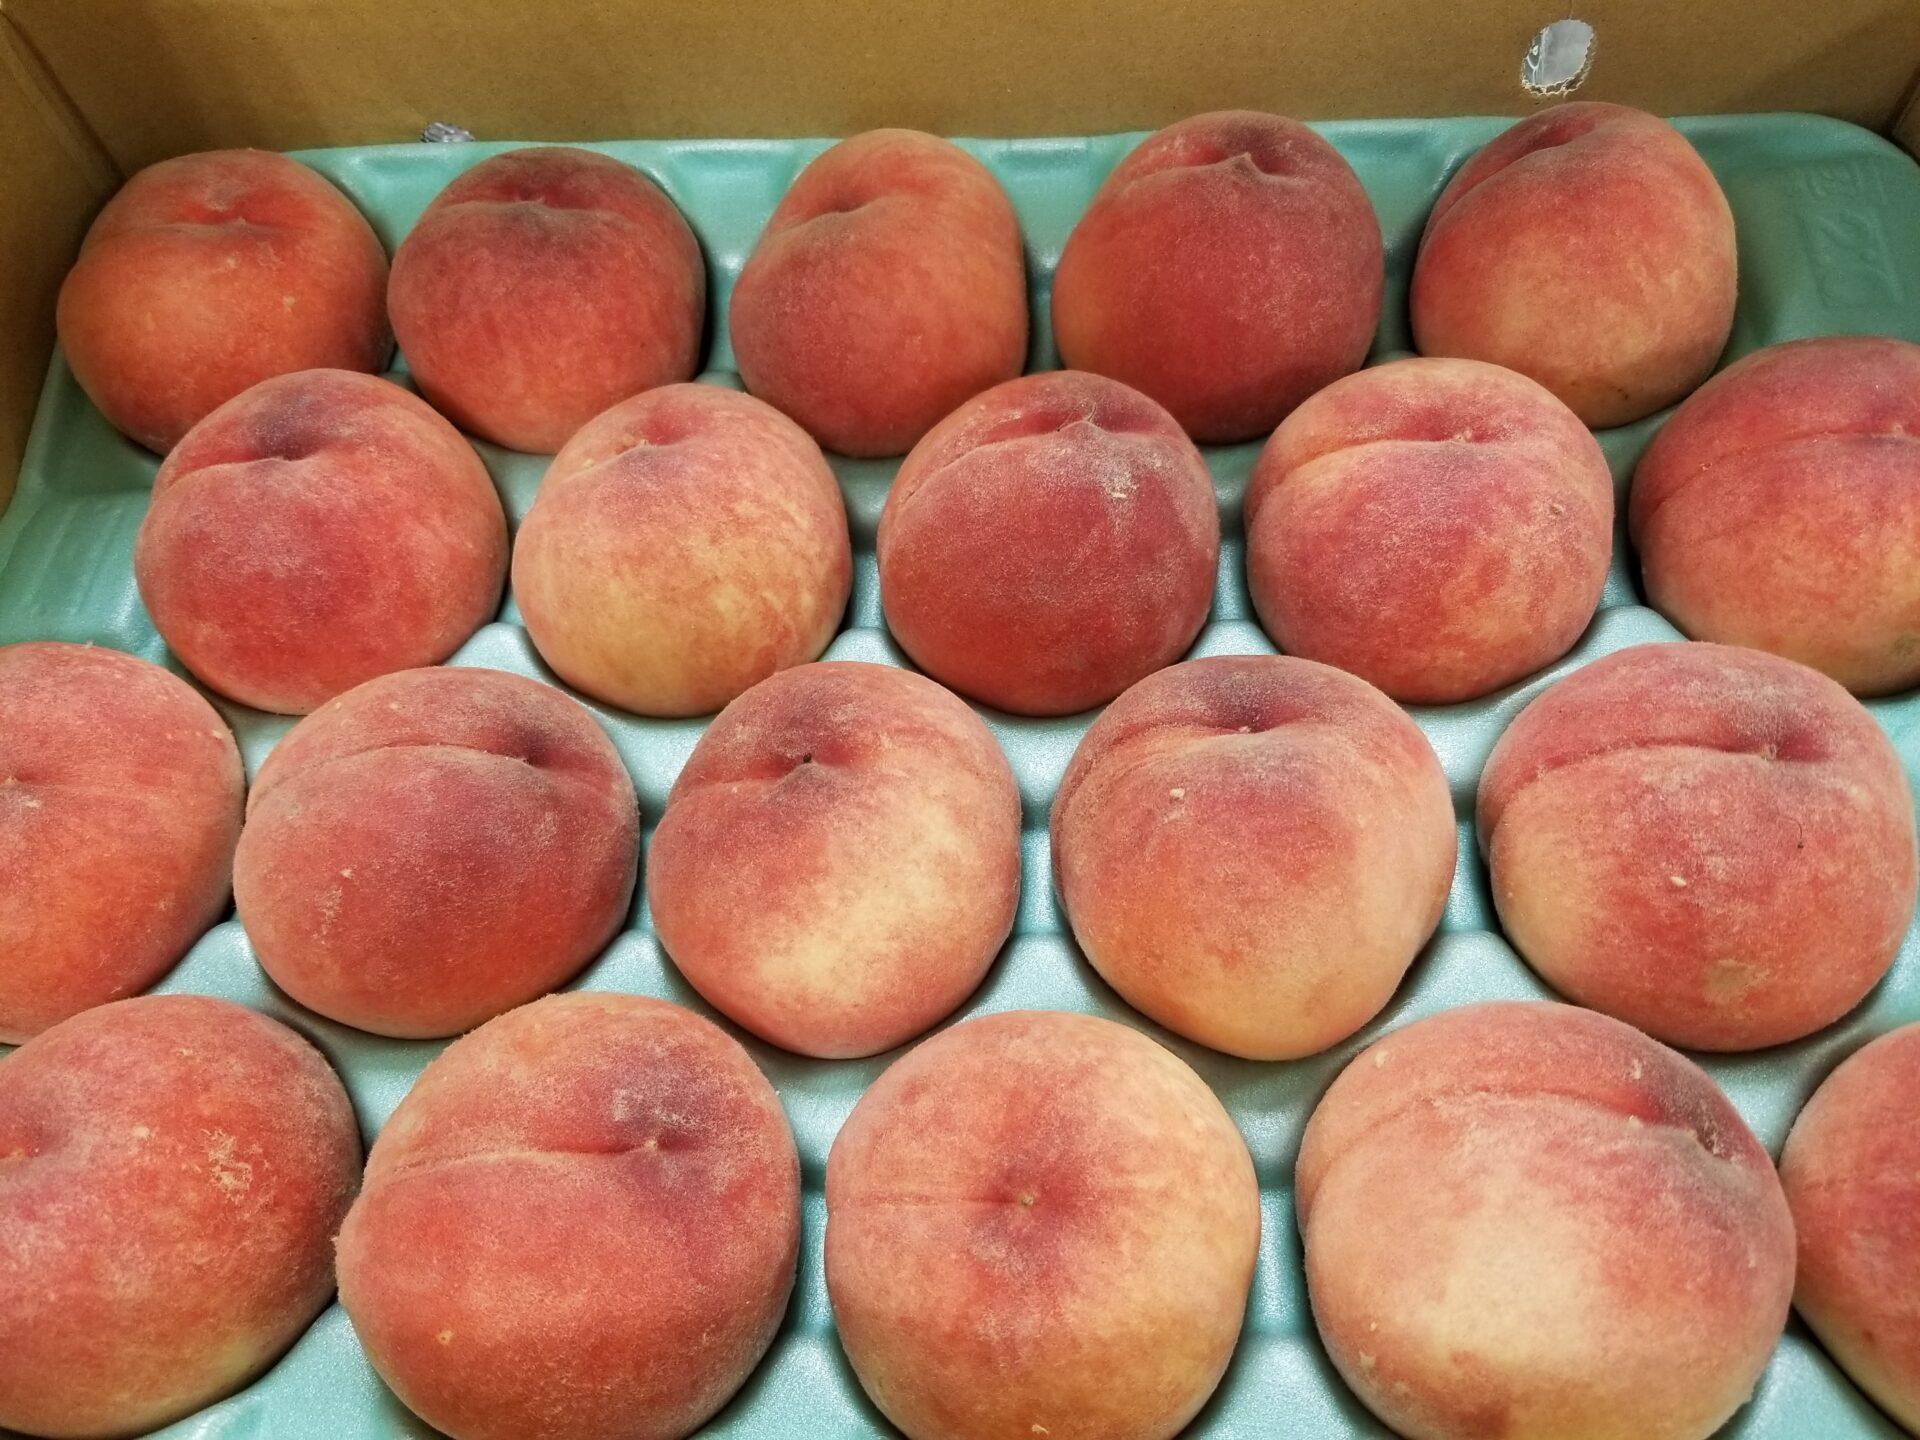 まどか桃の特徴は?実際に食べてみた感想など。